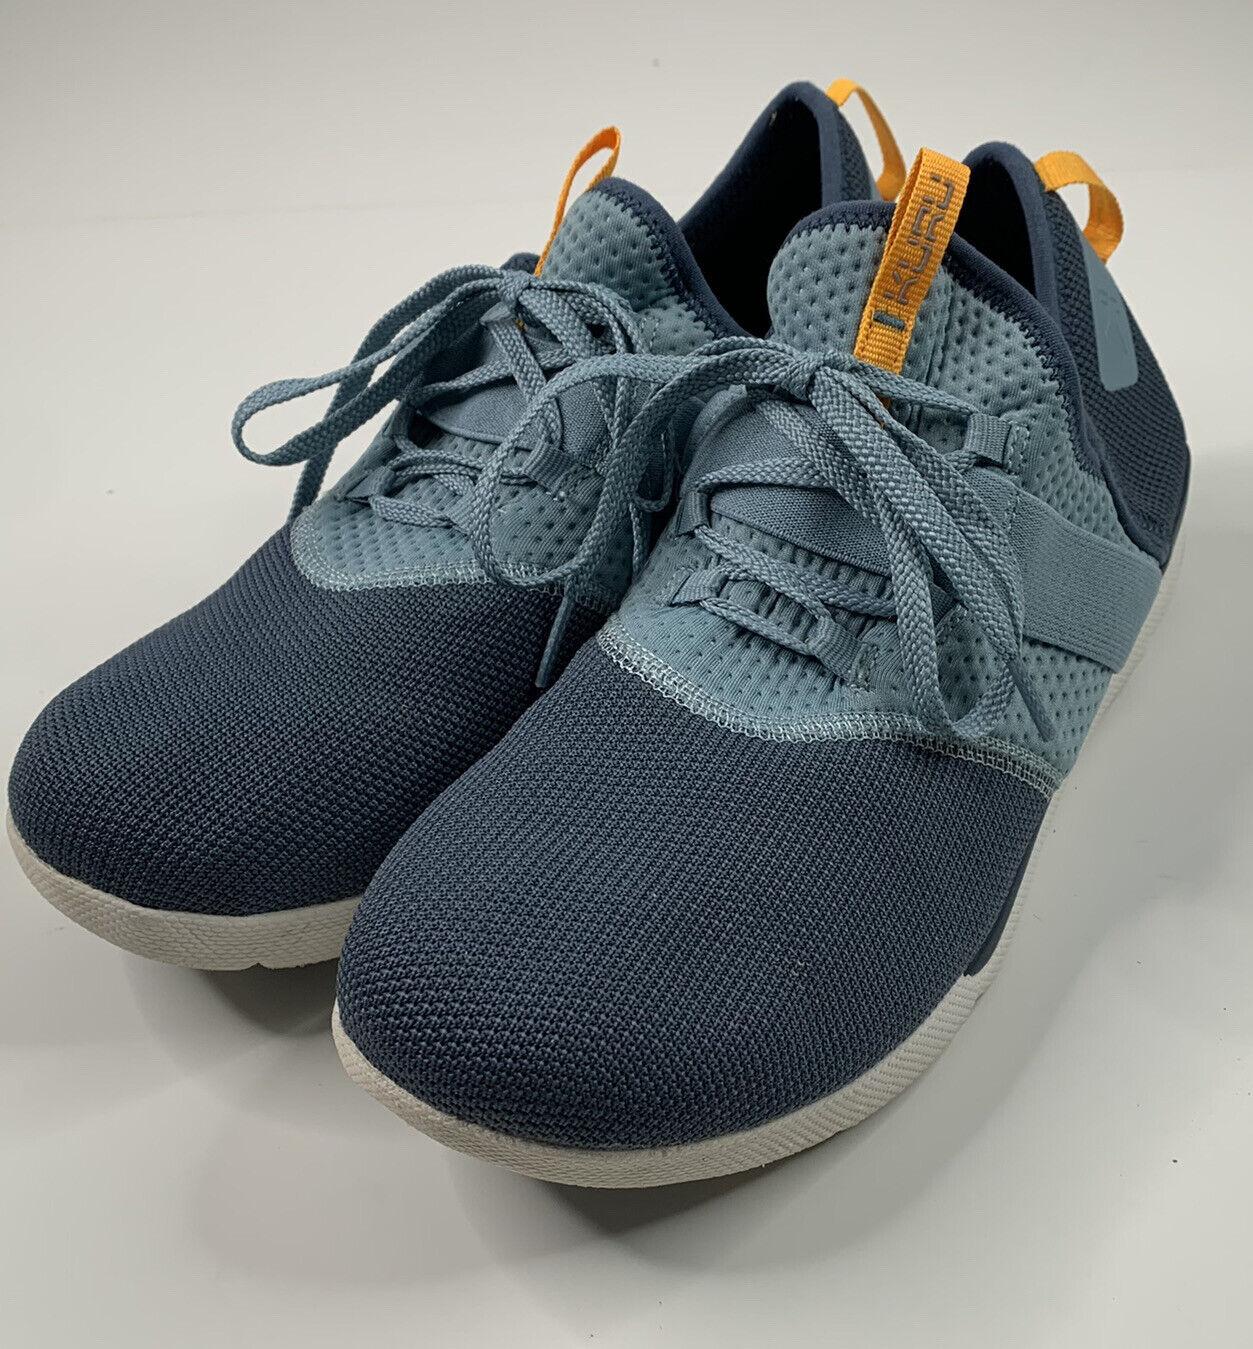 Kuru Pivot Femme Taille 10.5 m bleu Chaussures de tennis baskets neuf sans boîte M8